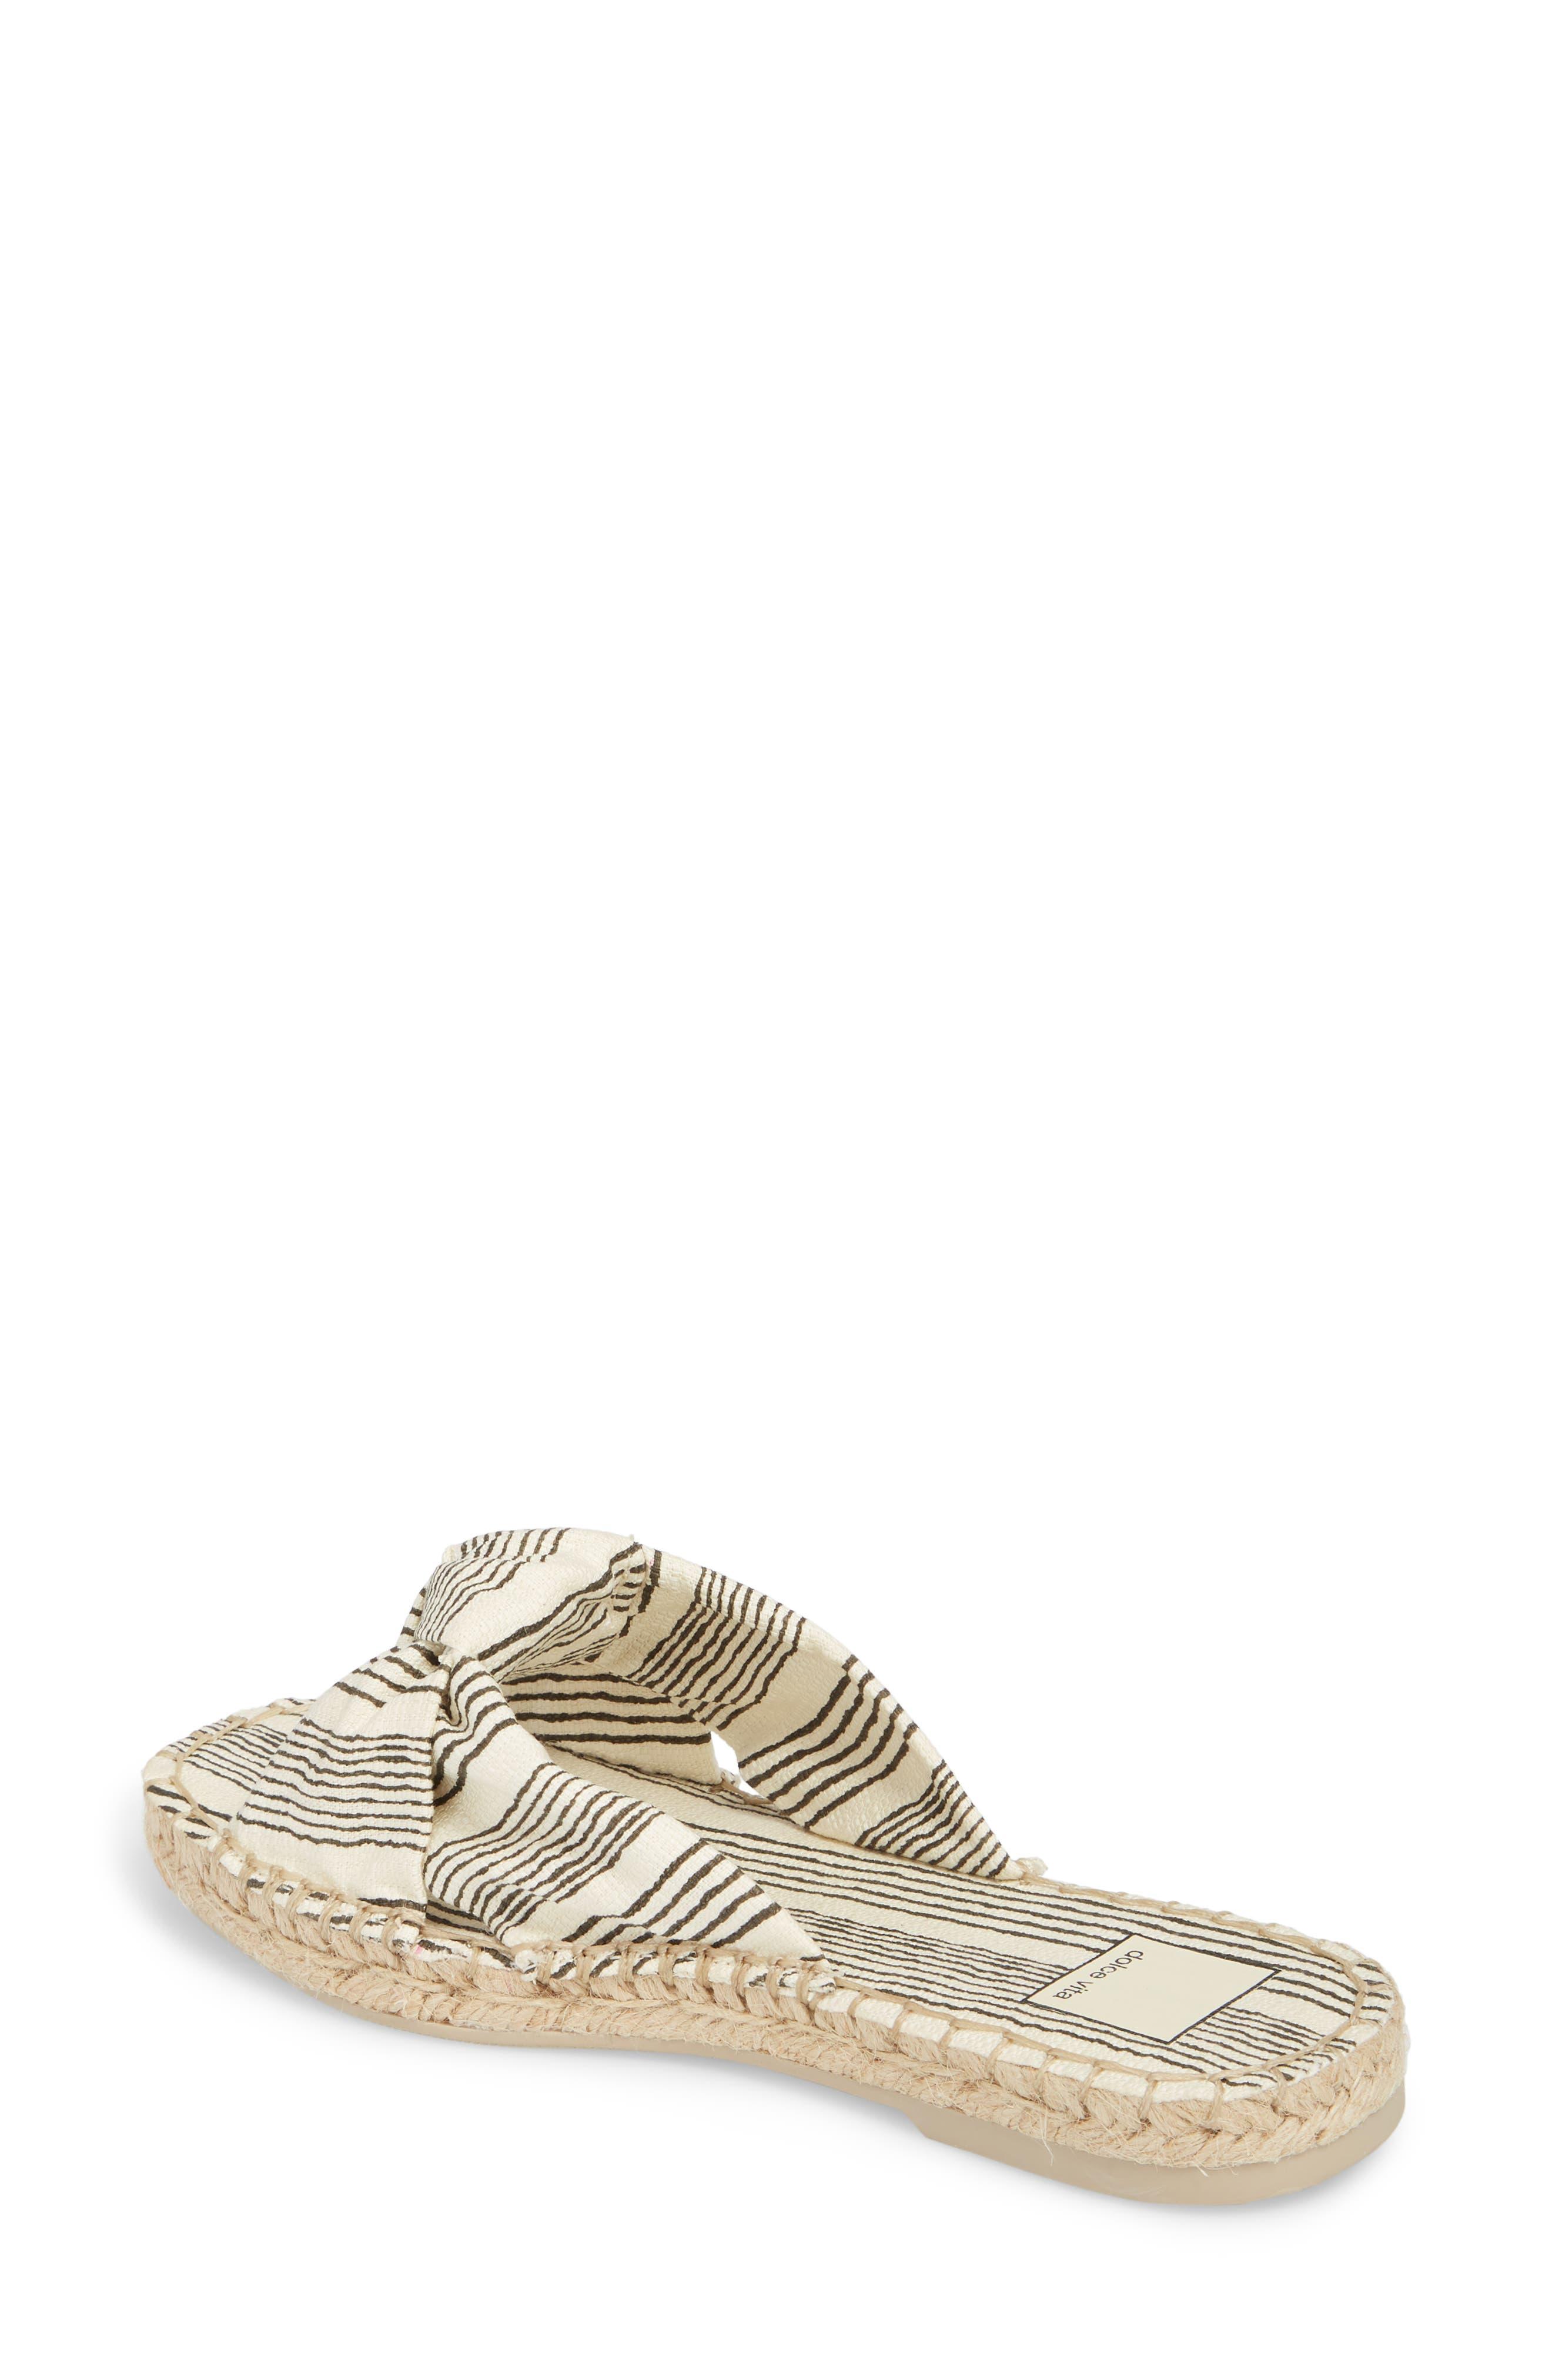 Alternate Image 2  - Dolce Vita Benicia Knotted Slide Sandal (Women)